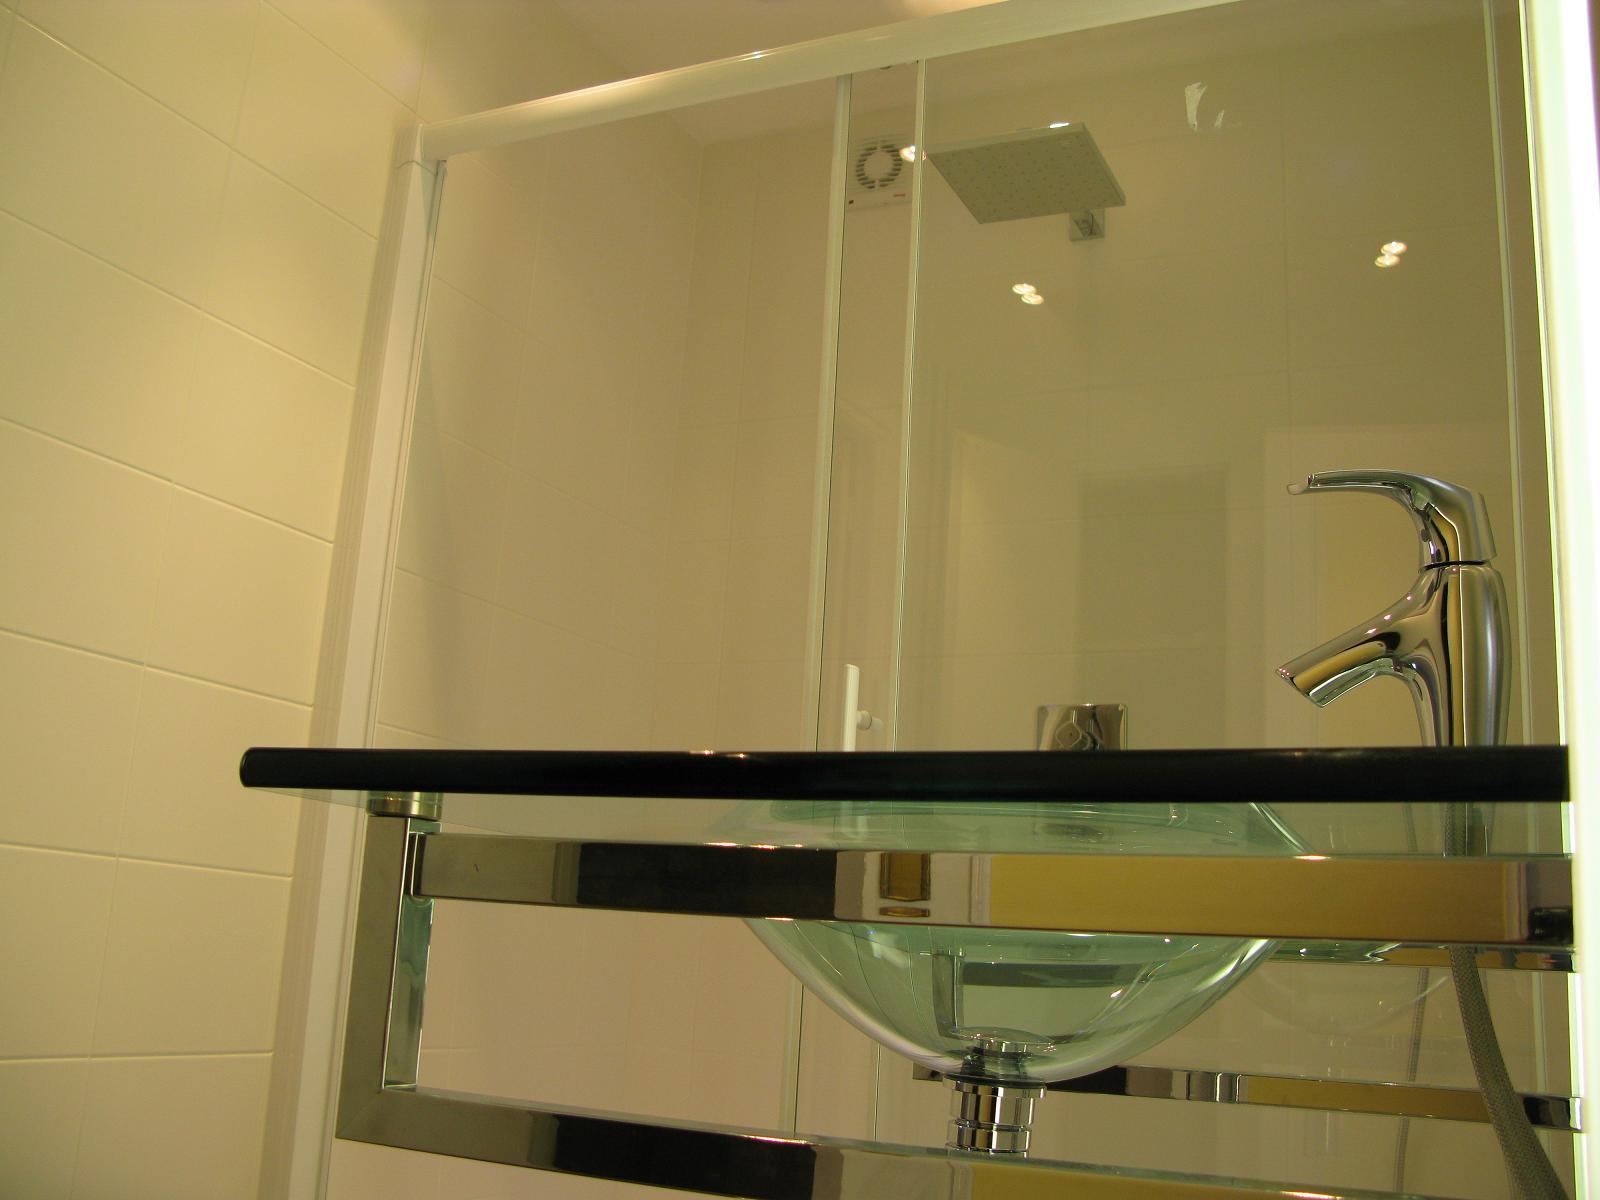 salles de bains salles d eau cr atherm plomberie. Black Bedroom Furniture Sets. Home Design Ideas